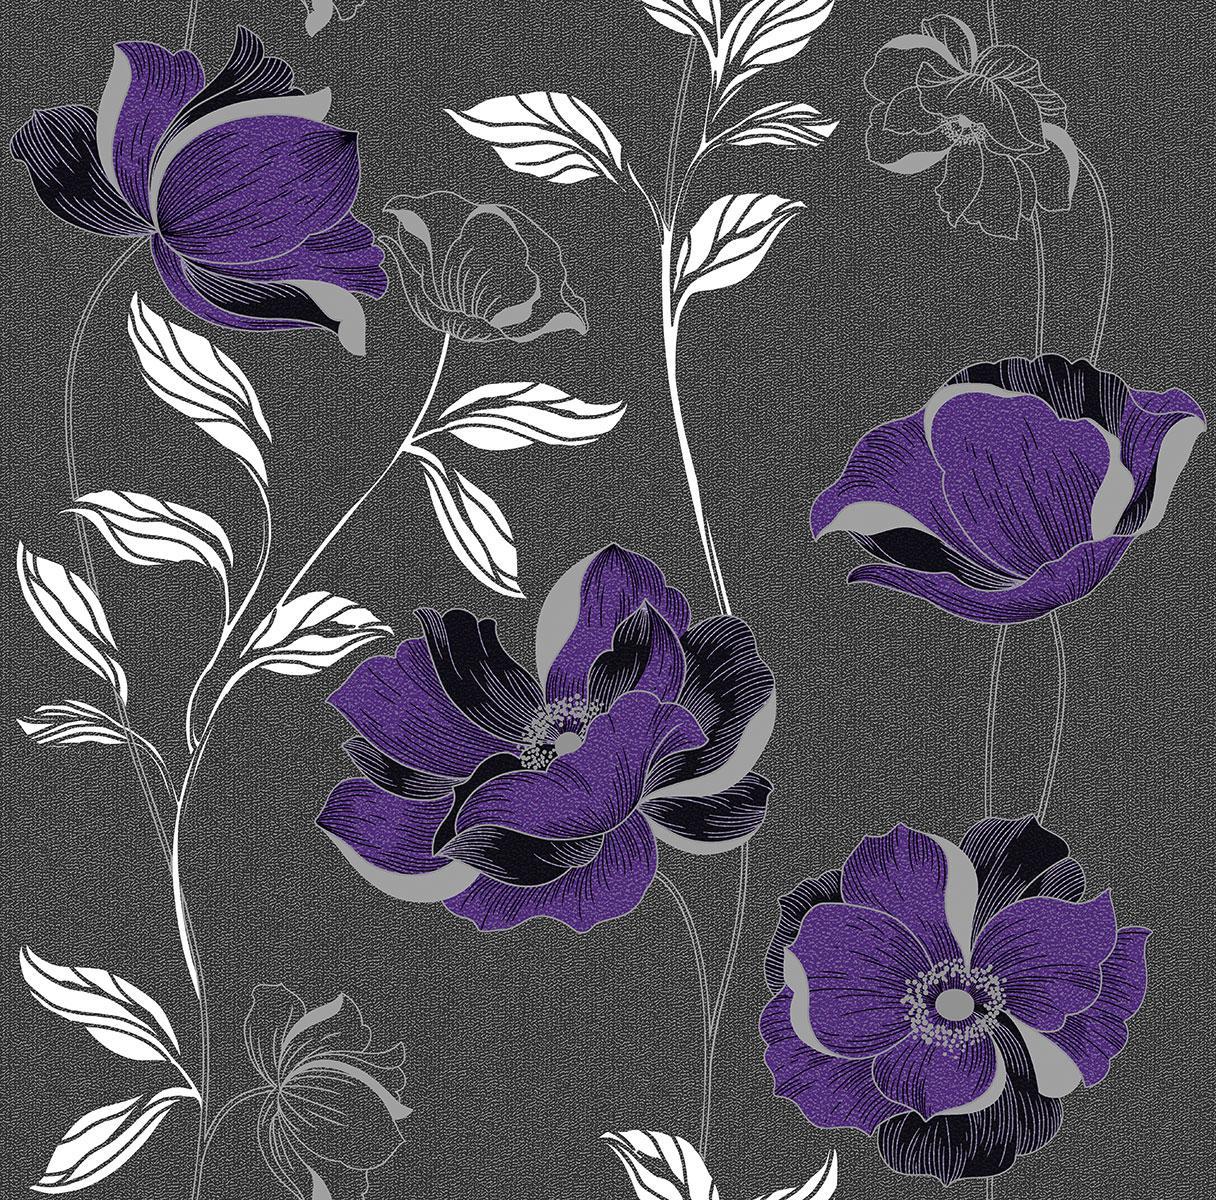 Обои бумажные Континент Есения сиреневые цветы серебро темно-серый фон 1275